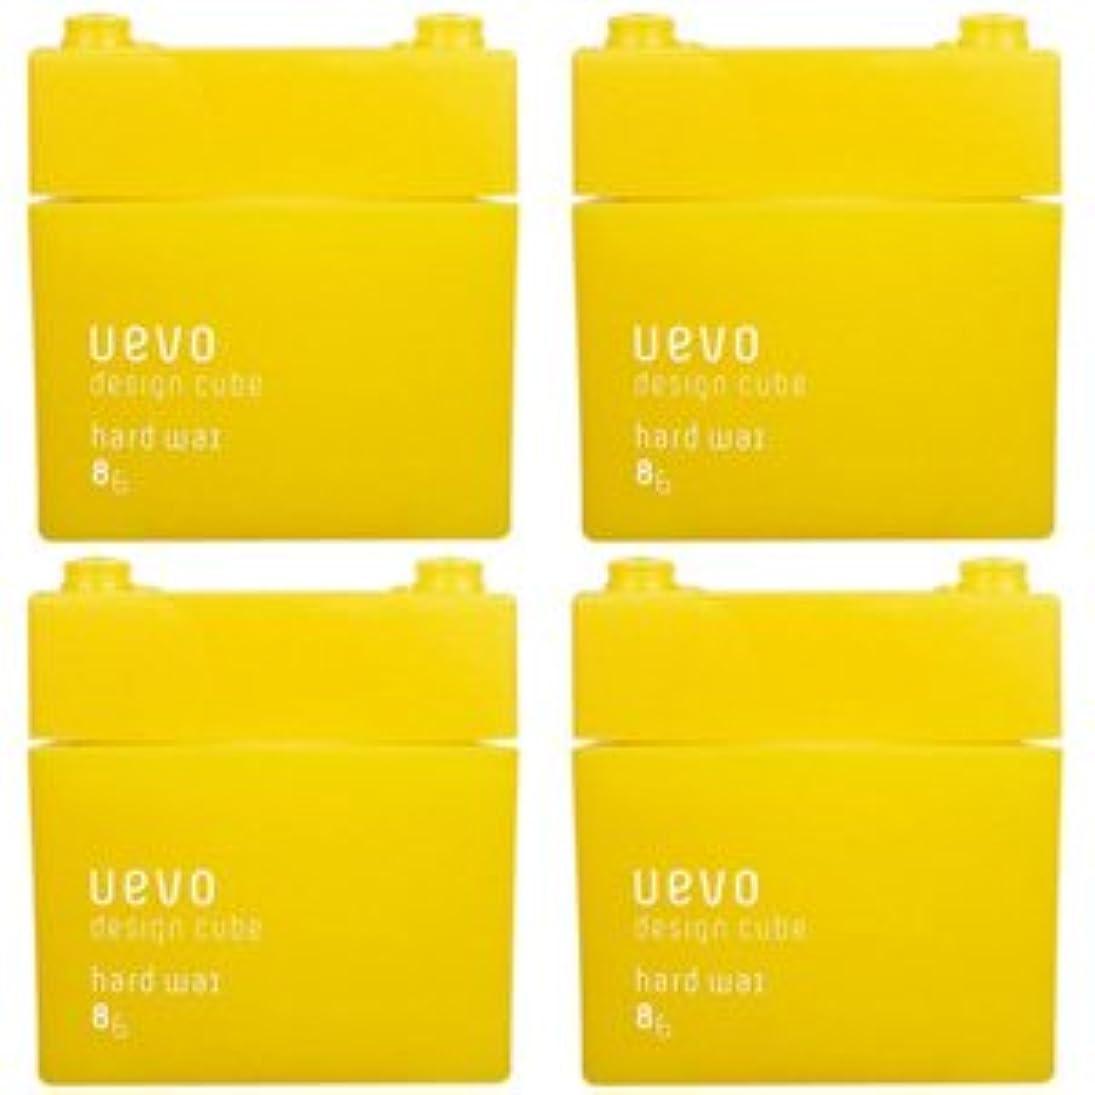 処方するライタースカーフ【X4個セット】 デミ ウェーボ デザインキューブ ハードワックス 80g hard wax DEMI uevo design cube